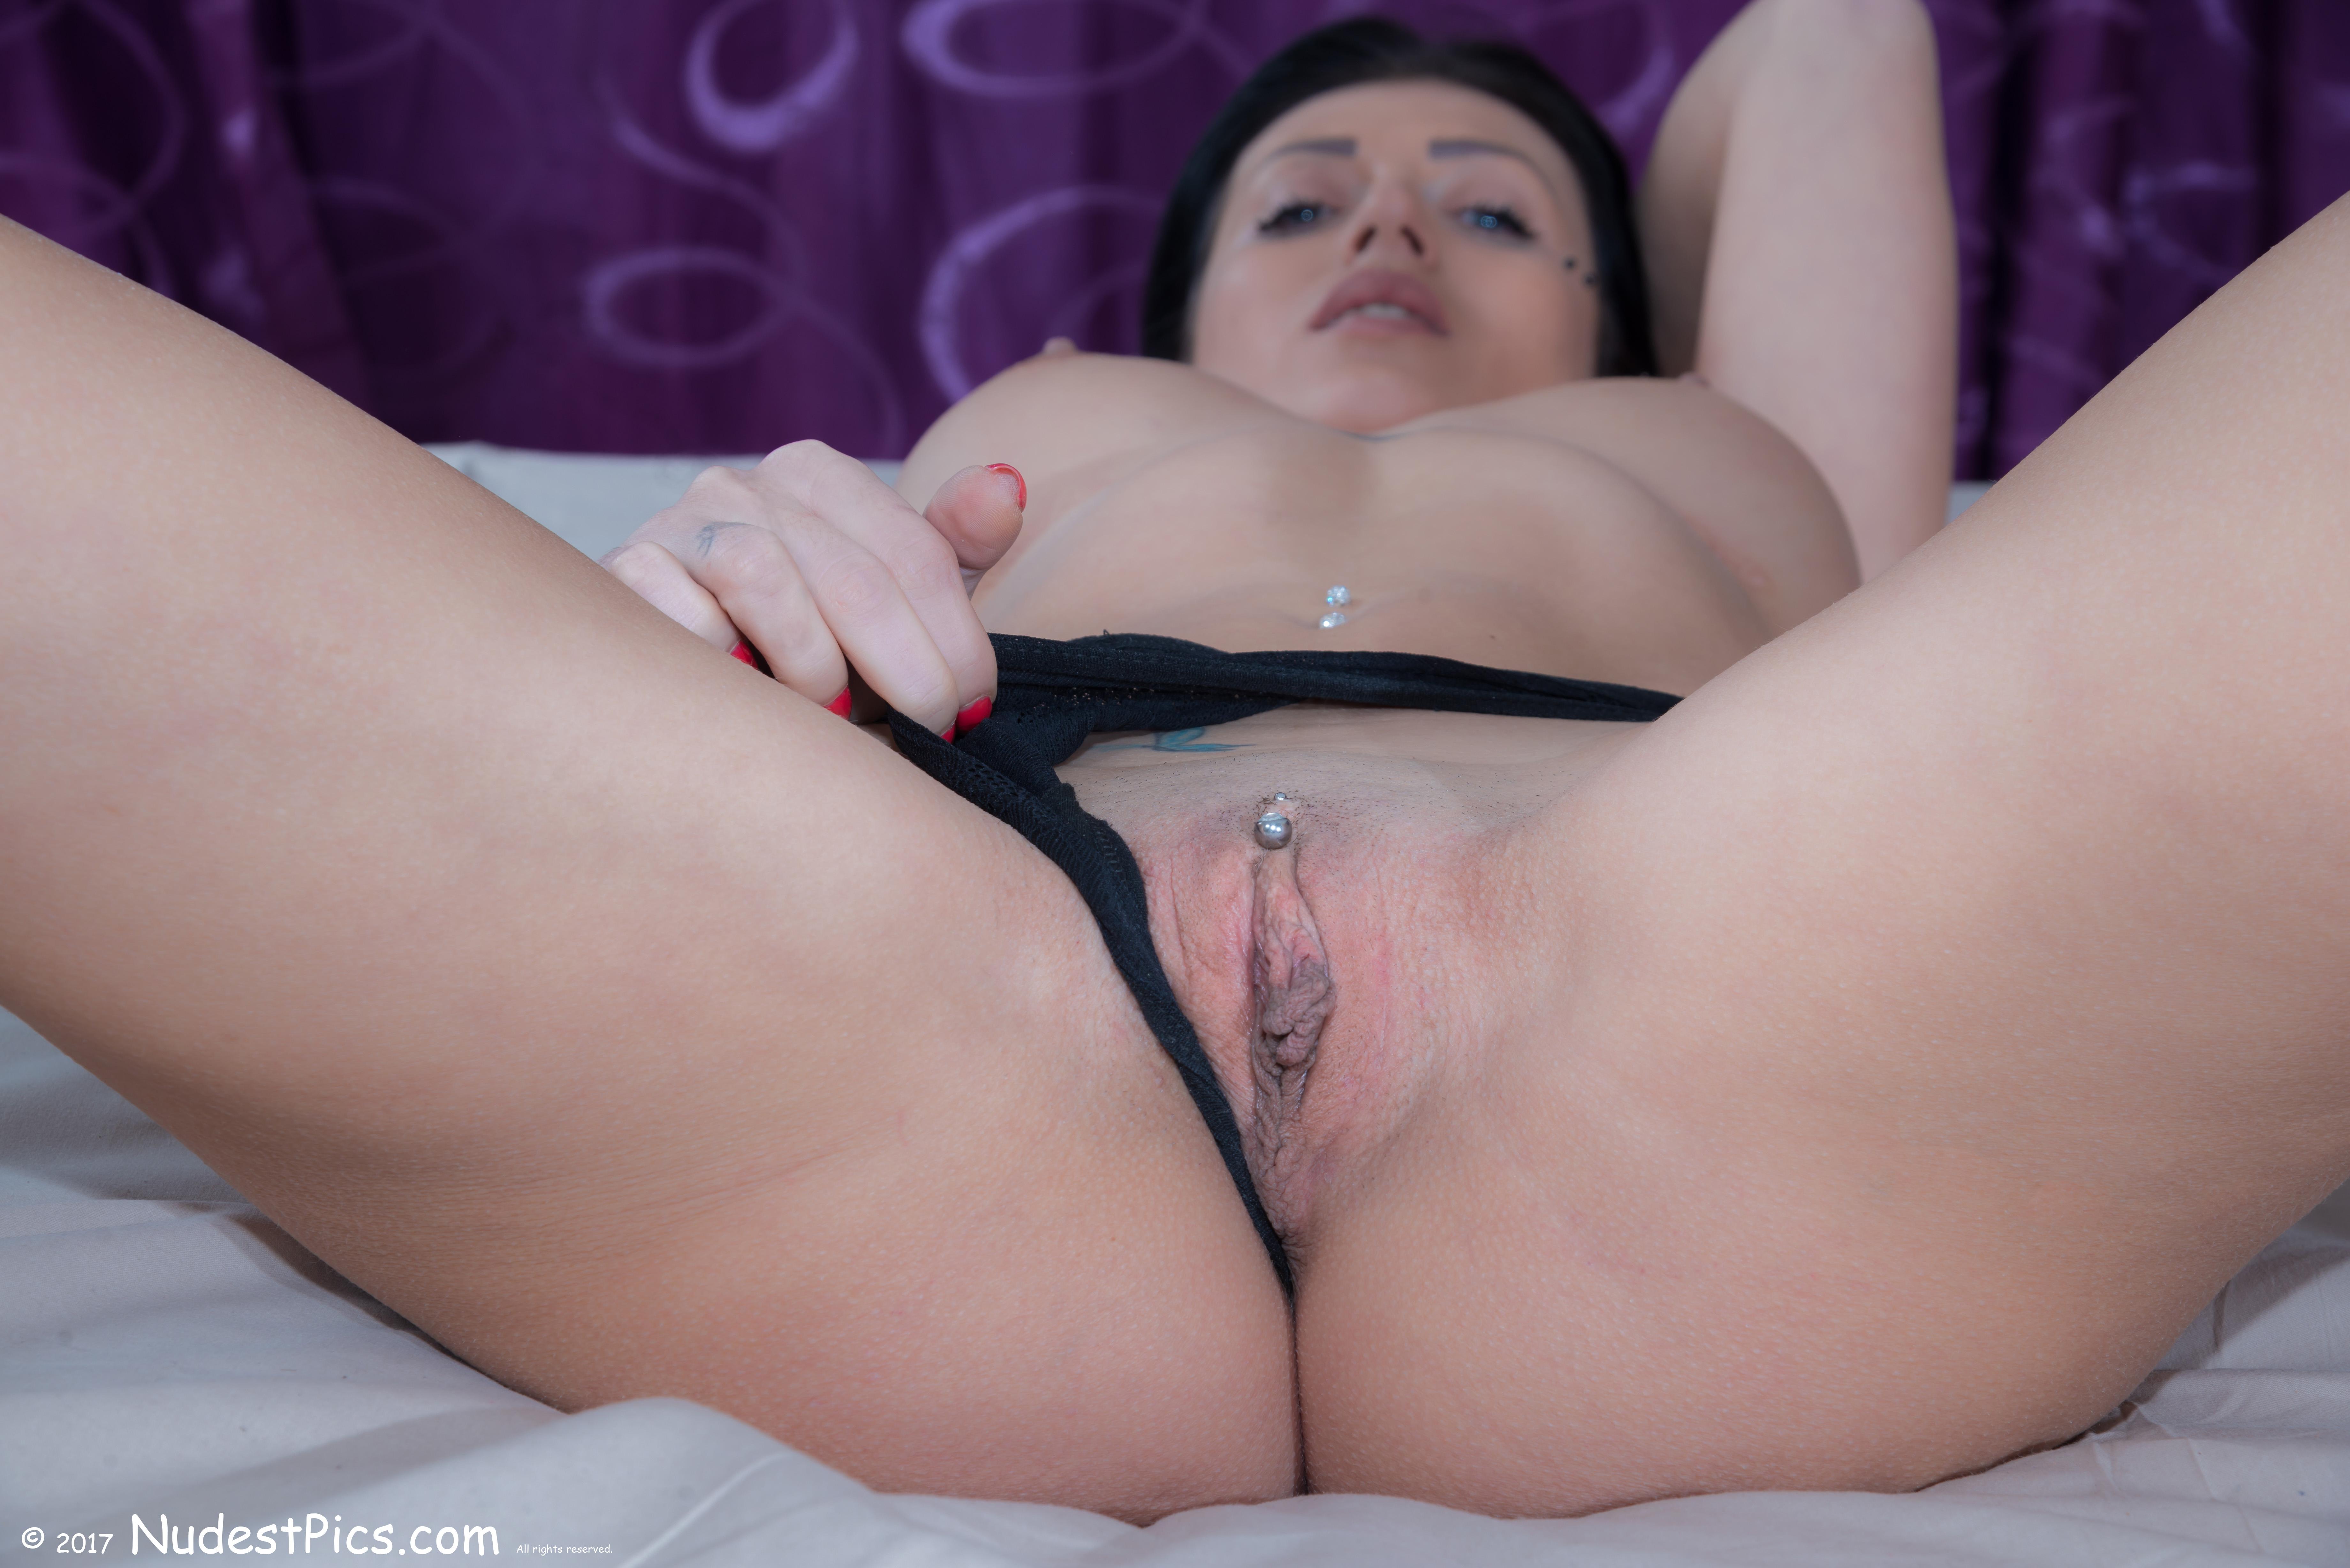 Busty Firm Woman Revealing Meaty Pussy HD